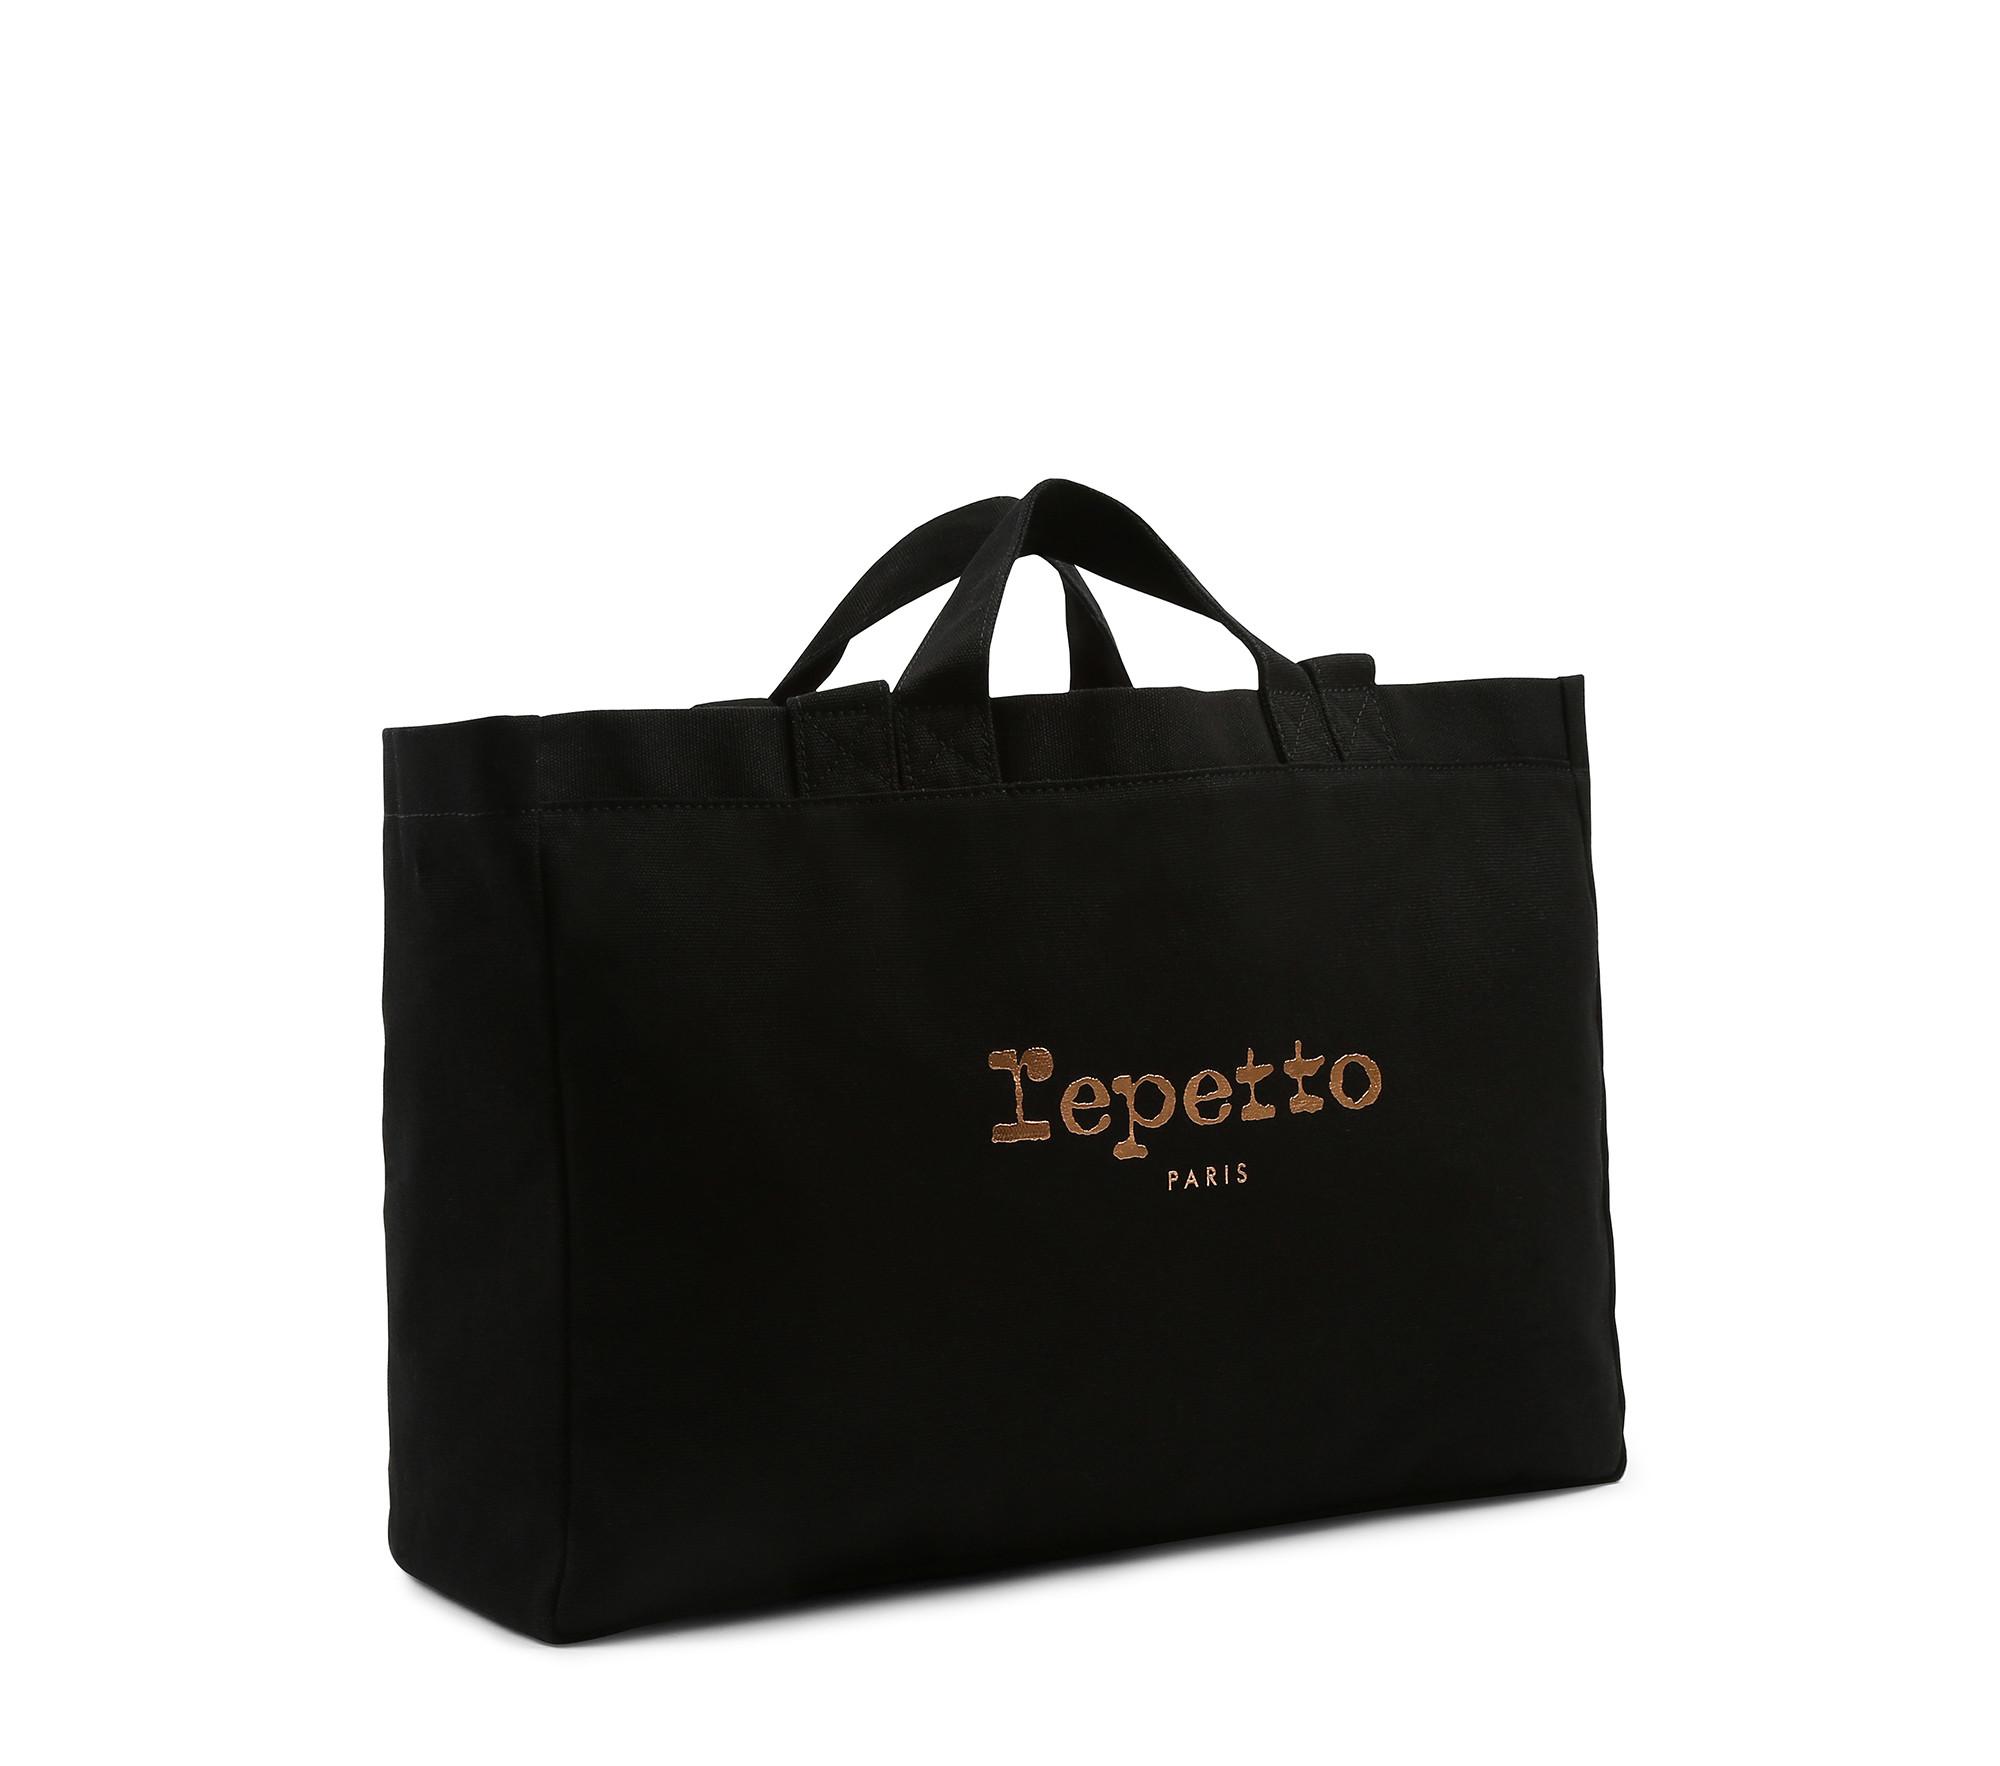 Ballerine shopping bag - Girl